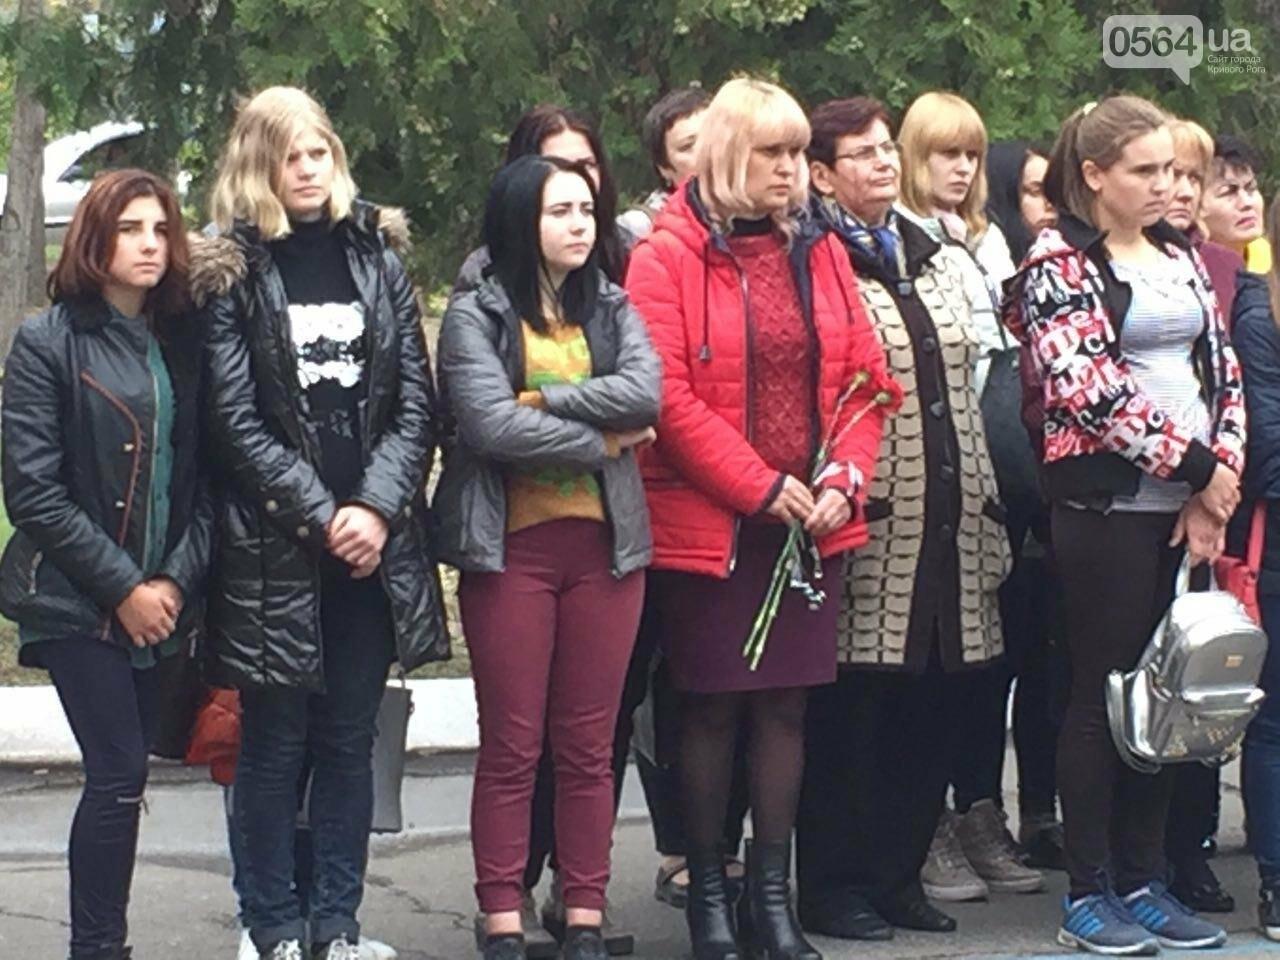 В Кривом Роге память о бойце АТО - Смайлике увековечили в мраморе (ФОТО) , фото-14